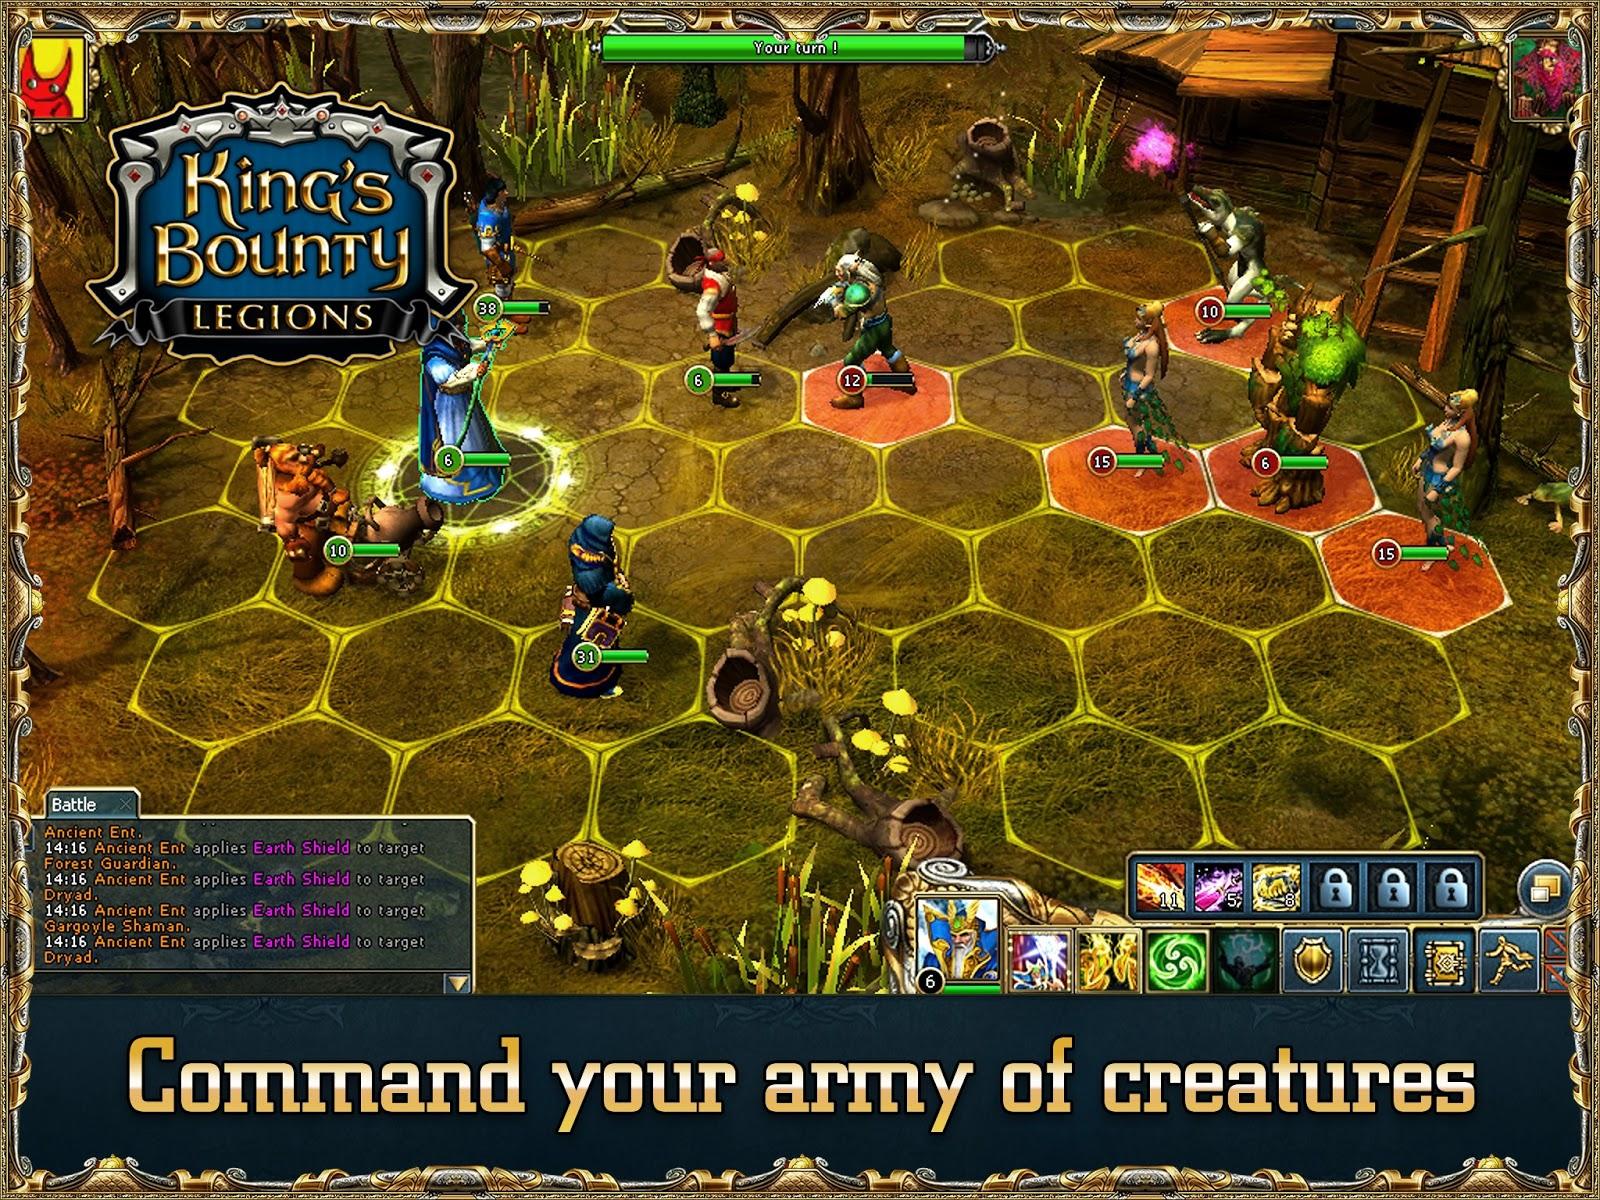 Фото King's Bounty: Legions лучше дополнят впечатление об игре, чем да